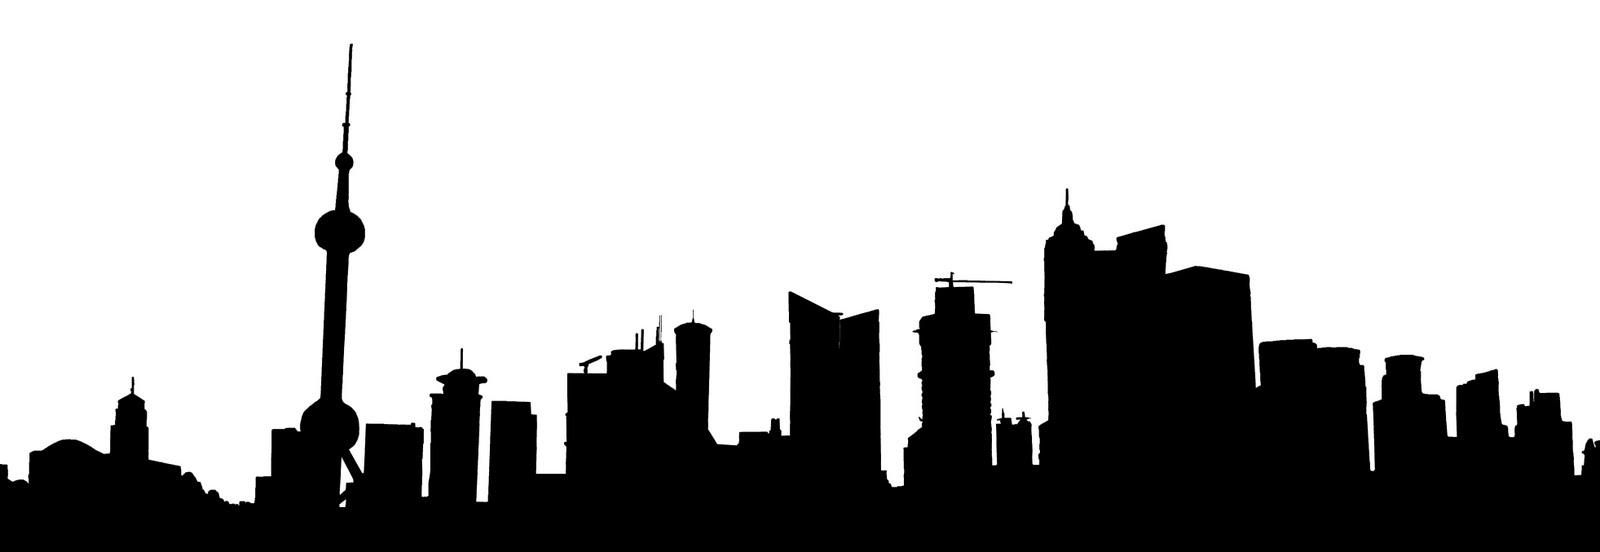 1600x552 Cityscape Clipart City Landscape